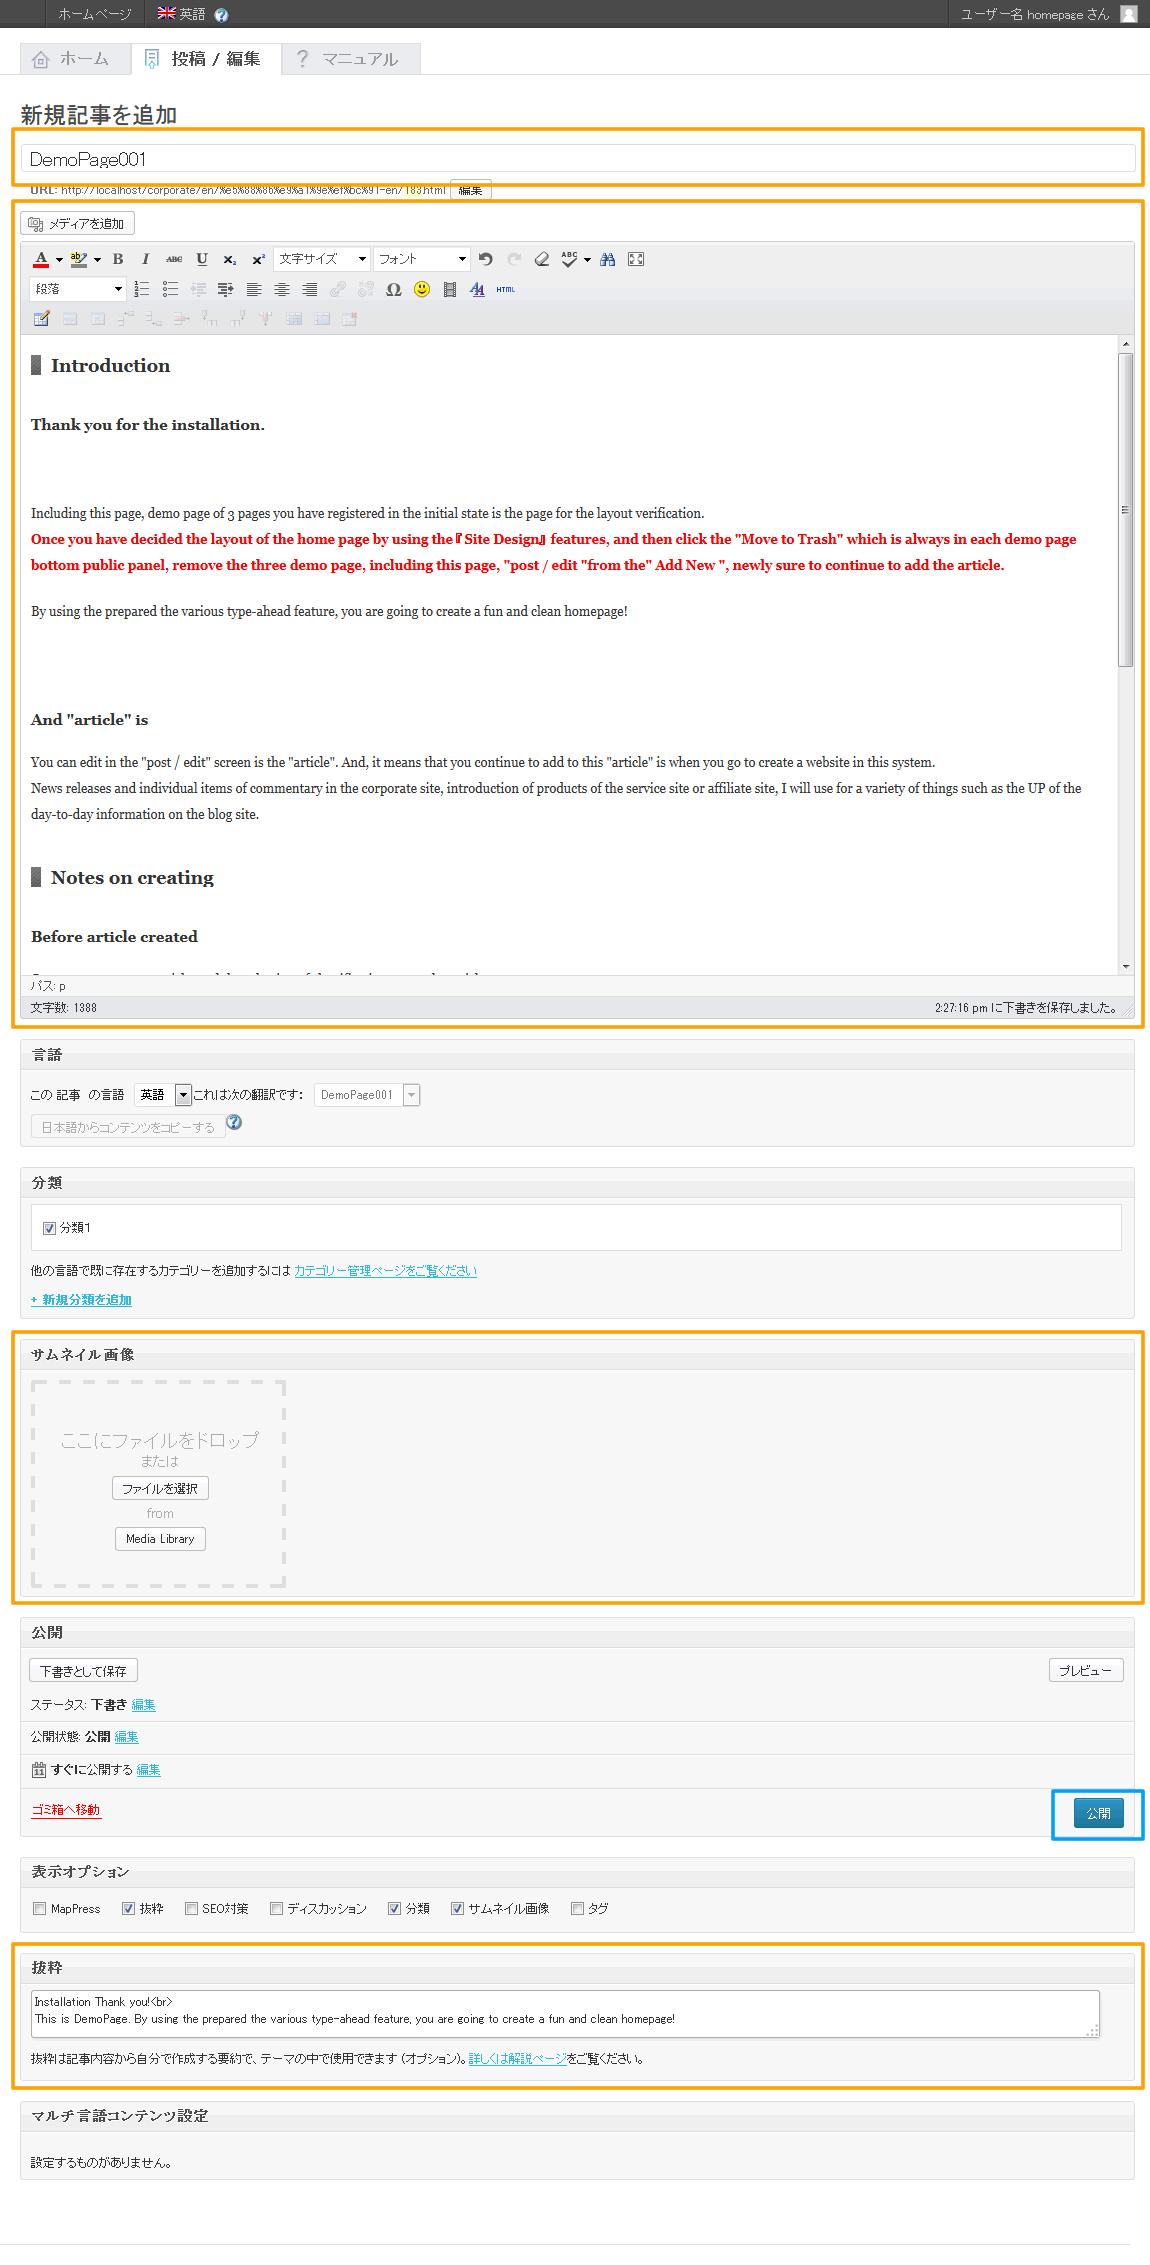 投稿/編集画面 多言語化入力 | 簡単格安ホームページ作成サイト - FunMaker